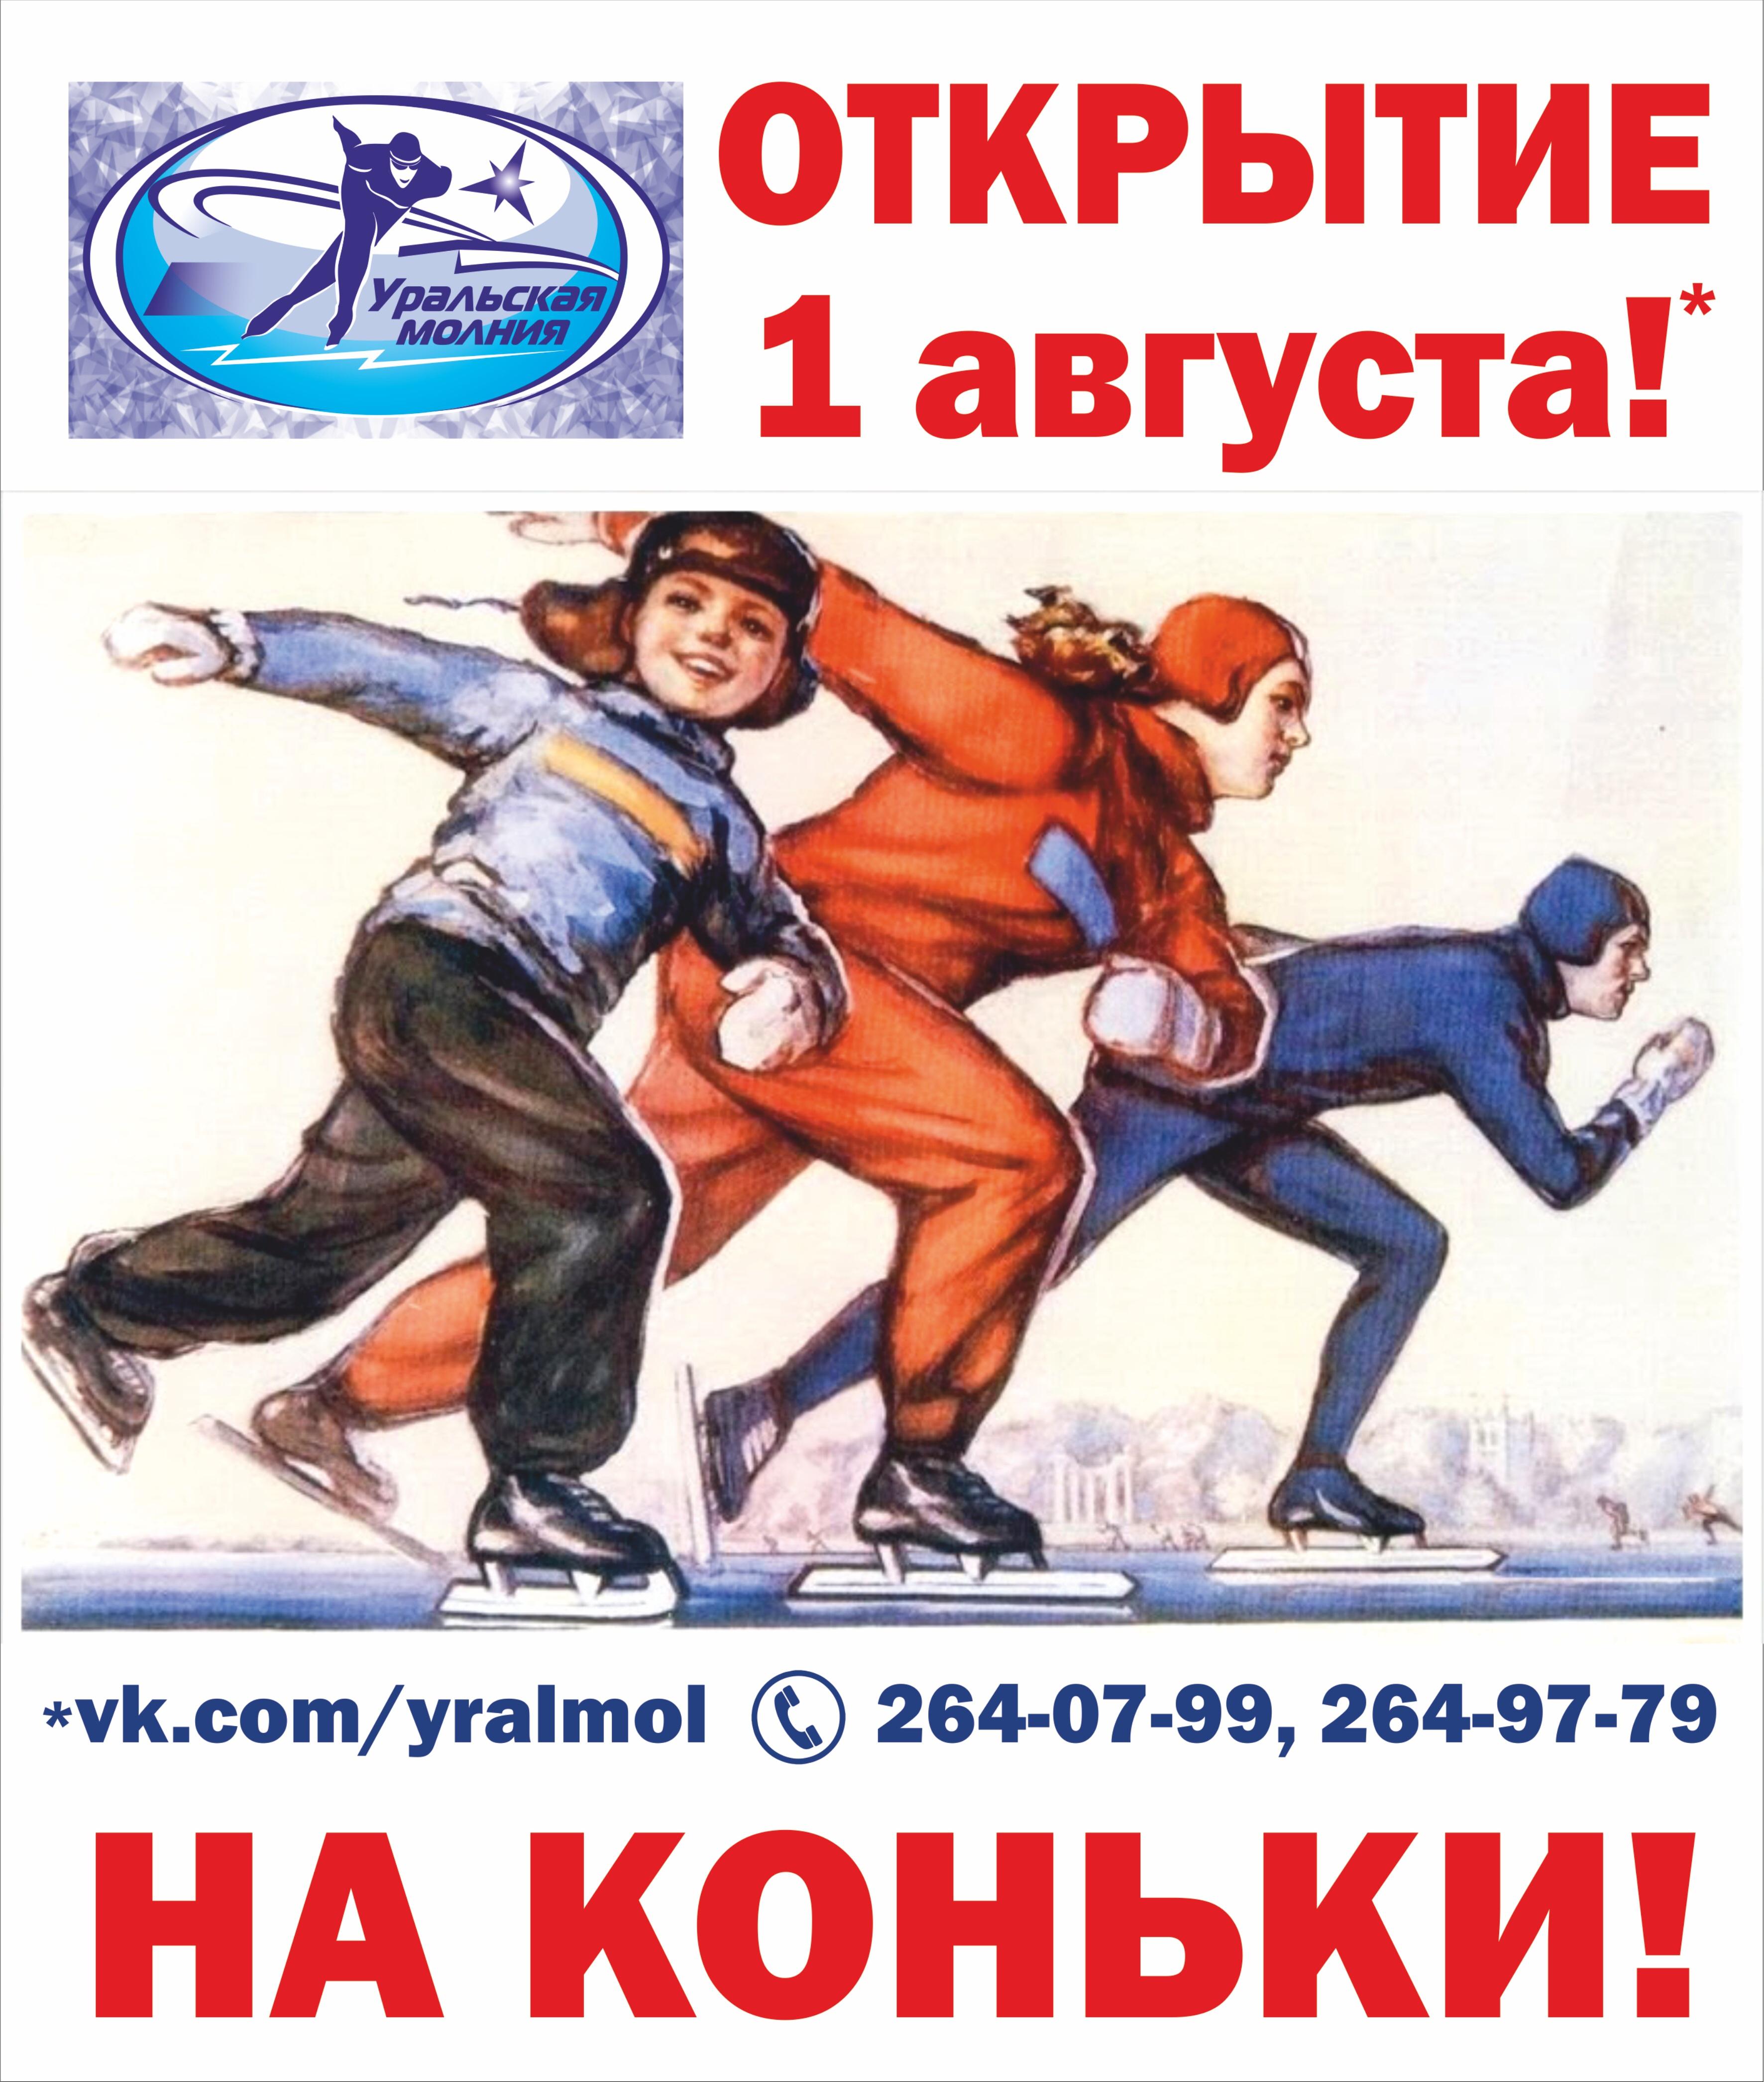 Первого августа в Челябинске открывается новый сезон ледовый дворец «Уральская молния», названный